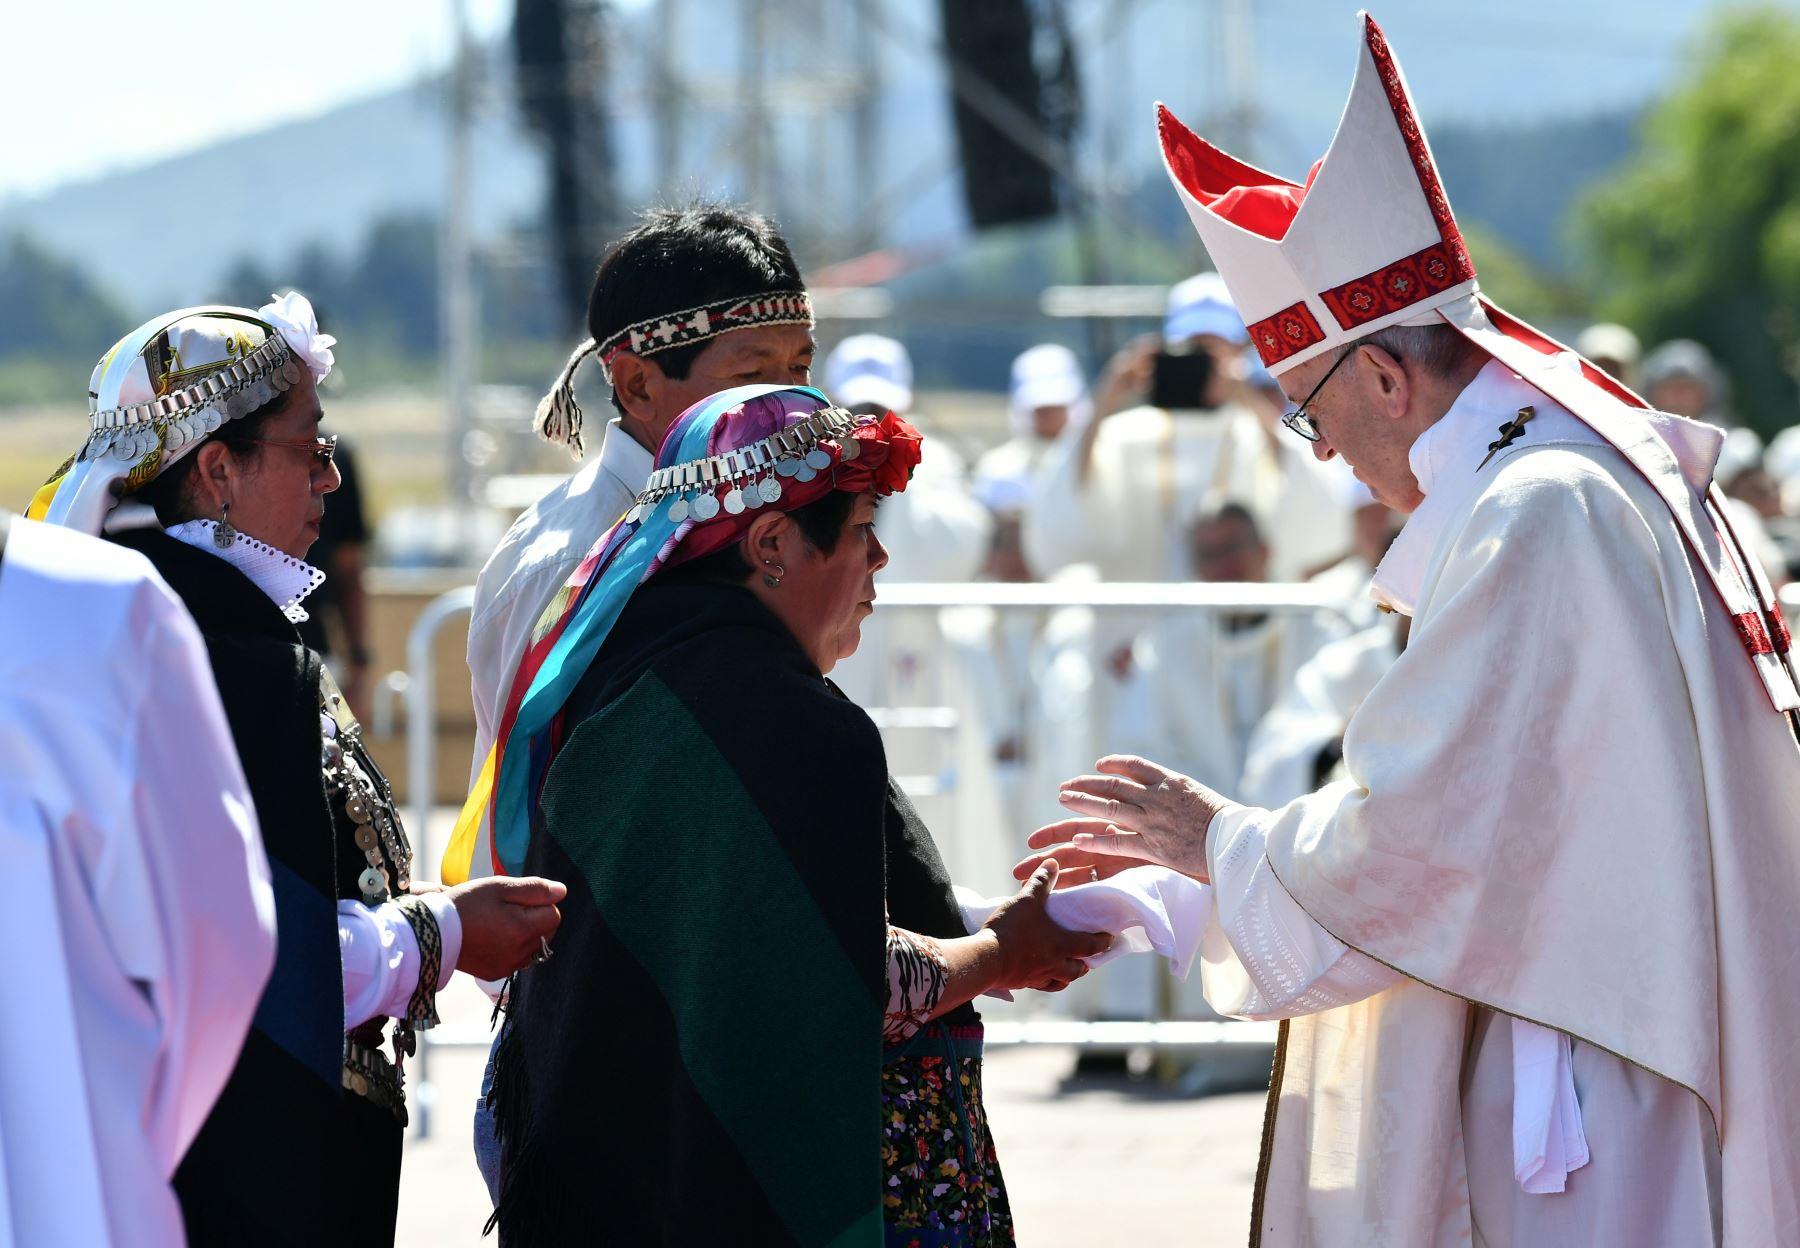 El Papa llegó a Temuco en plena tensión por el conflicto mapuche